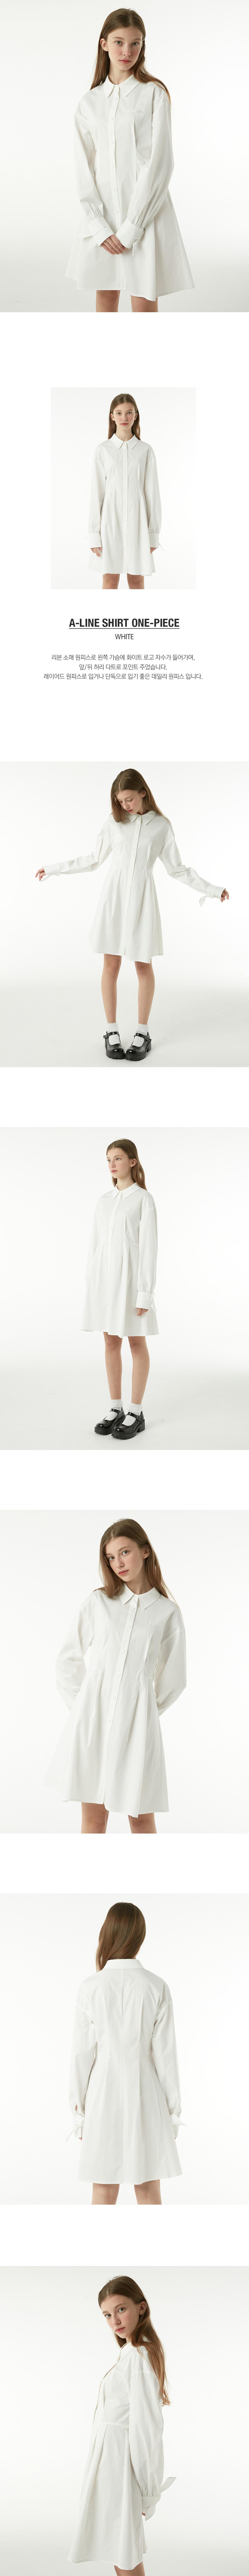 로라로라(ROLAROLA) (OP-21117) A-LINE SHIRT ONE-PIECE WHITE